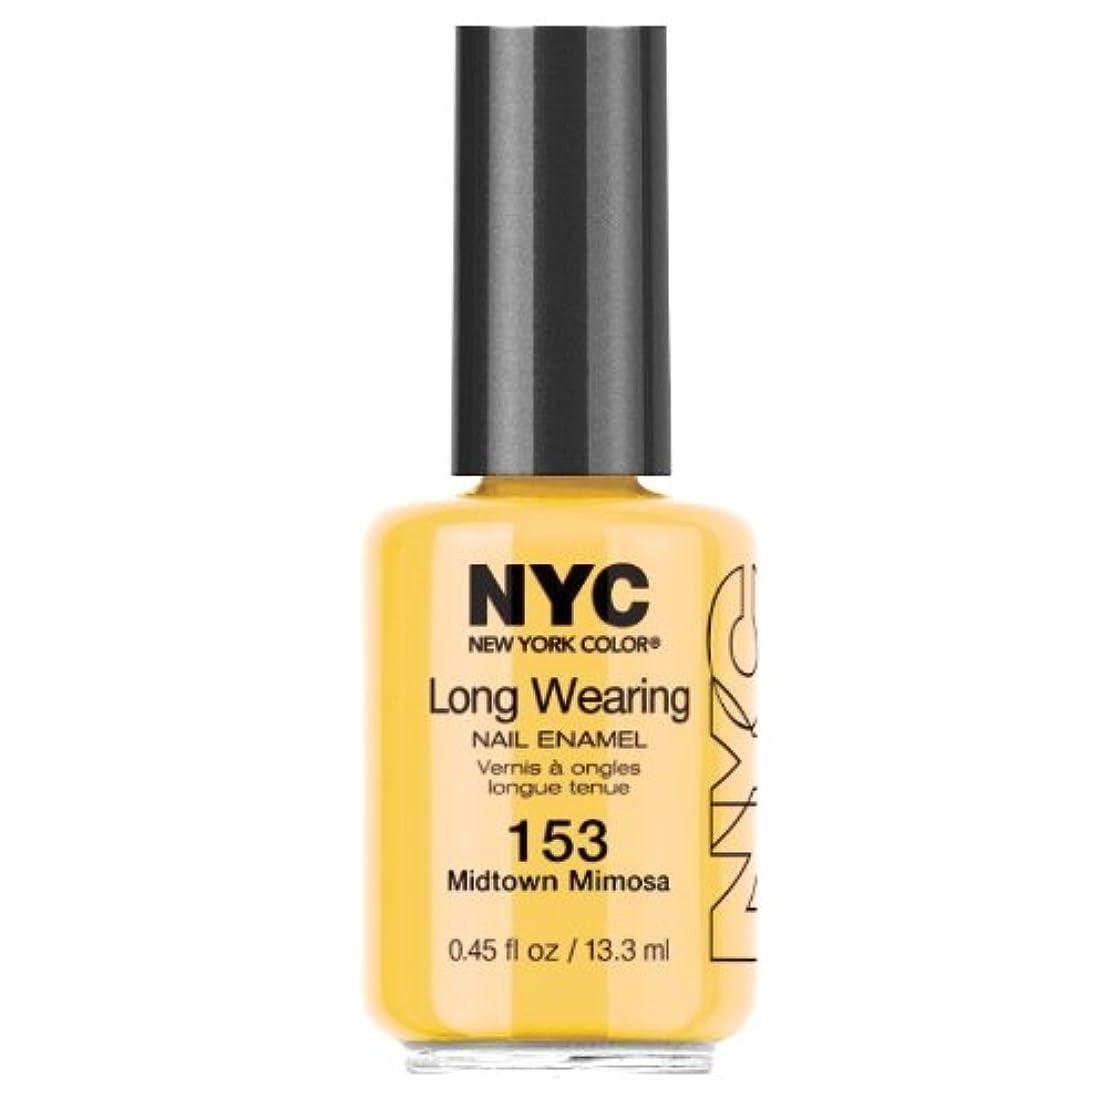 者スキーム構成する(3 Pack) NYC Long Wearing Nail Enamel - Midtown Mimosa (並行輸入品)